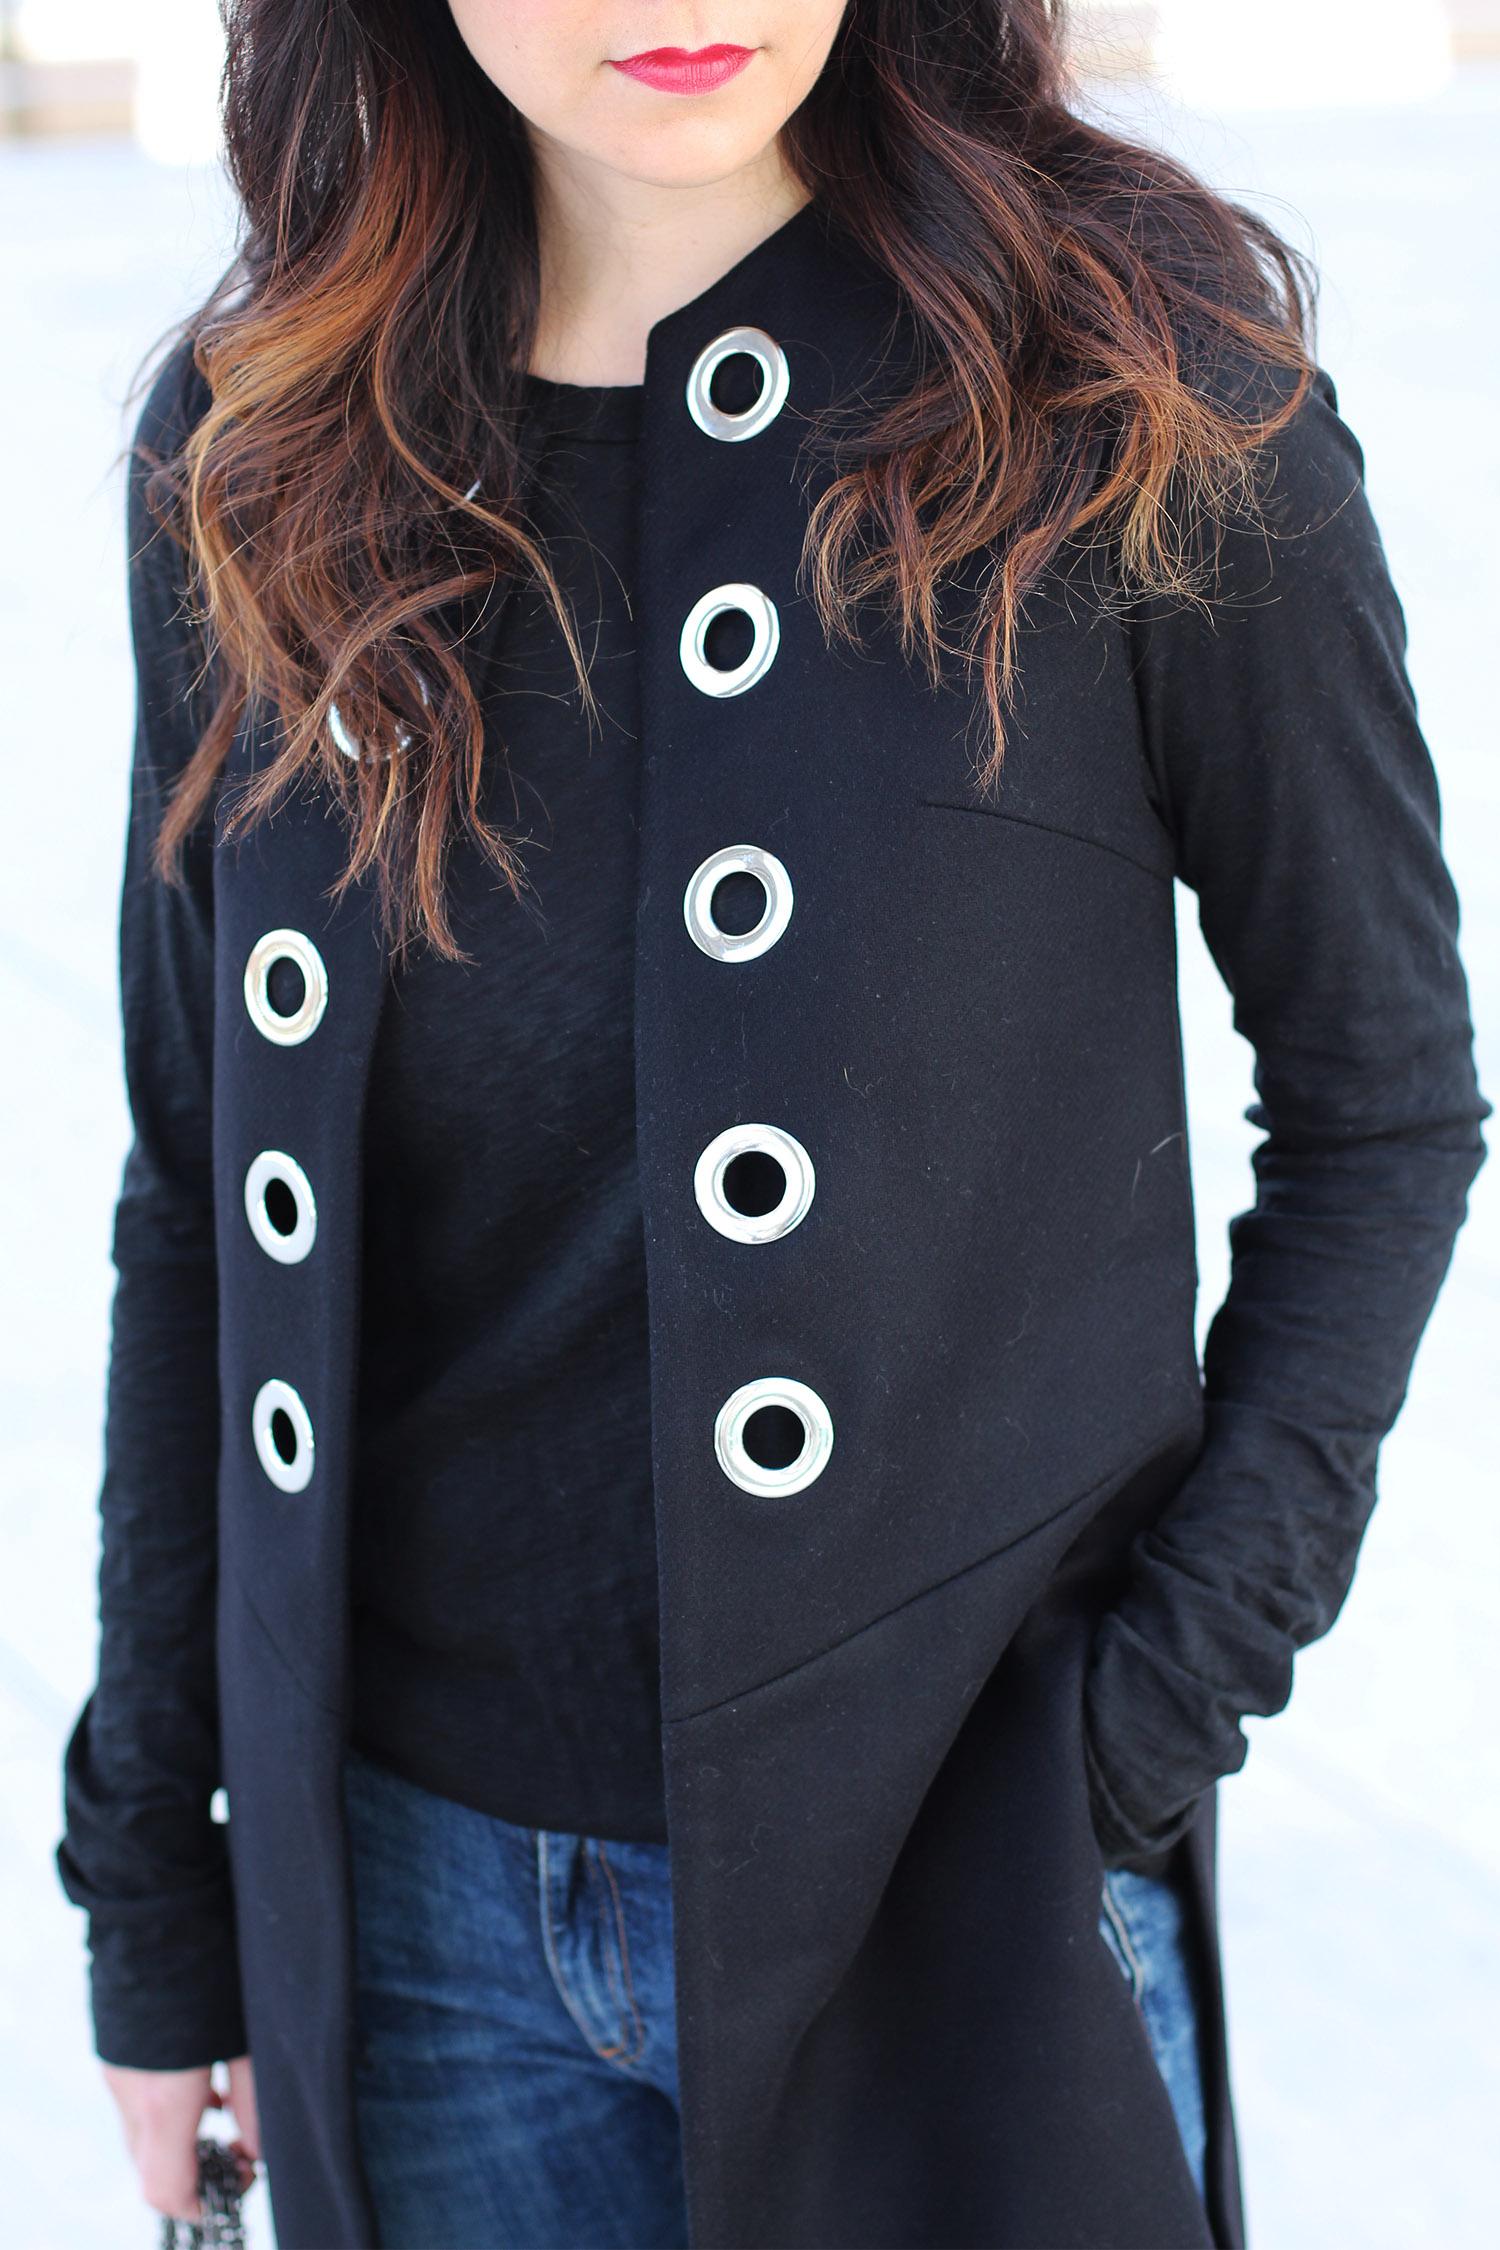 Eyelet Vest Zara